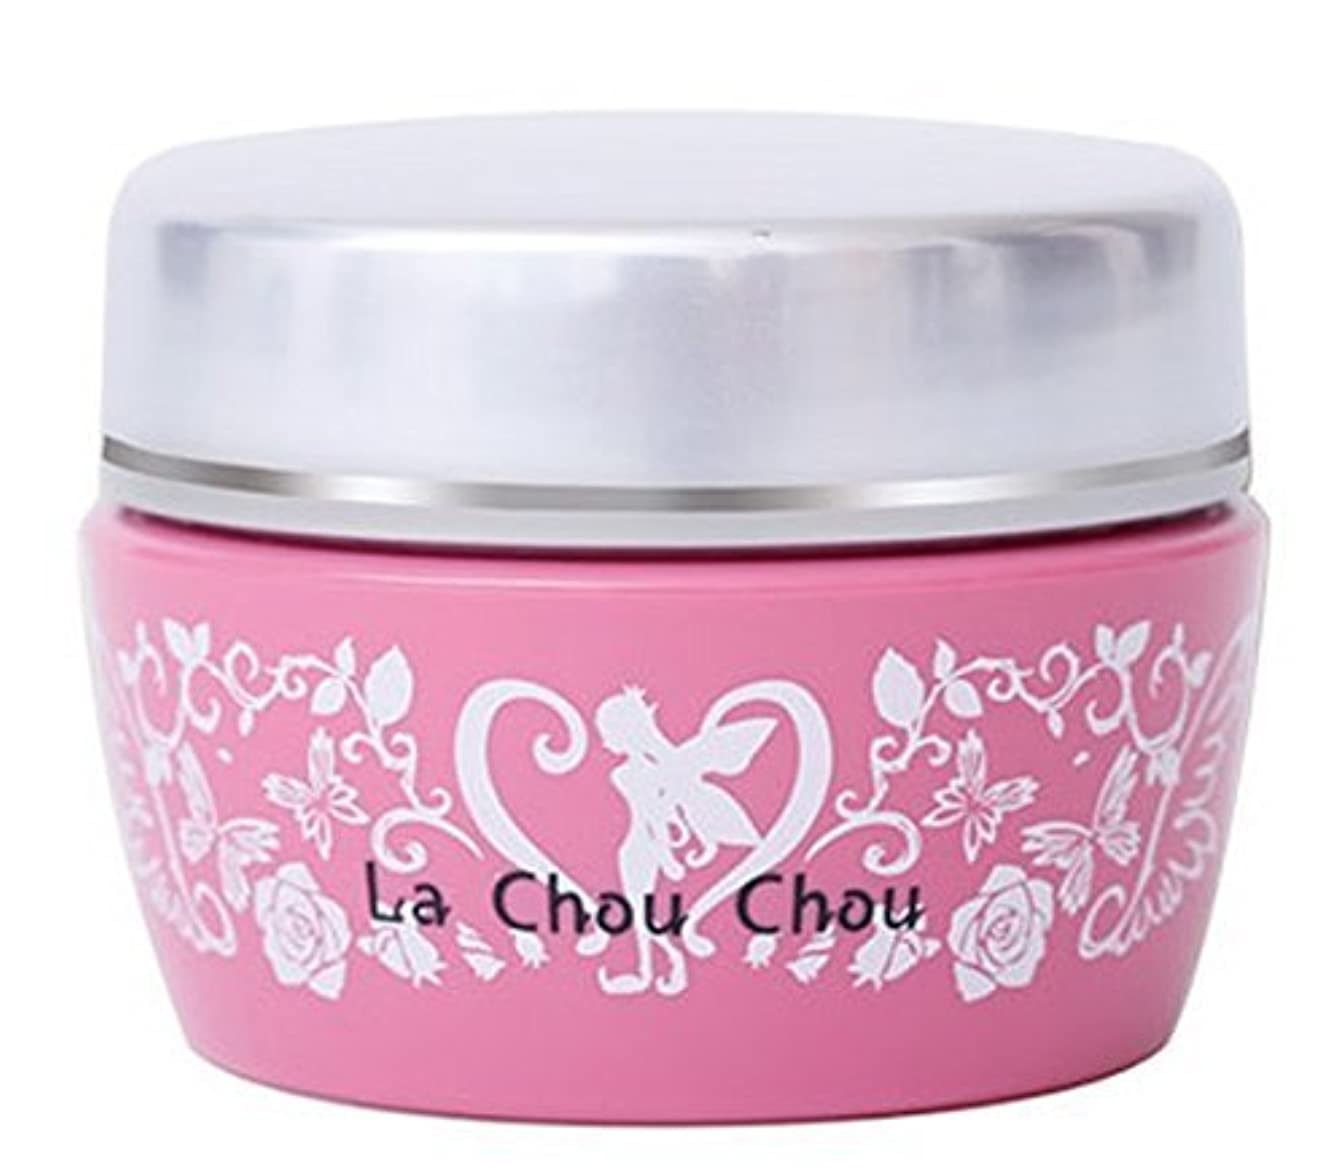 委託無許可アウトドアイッティ La Chou Chou (ラシュシュ) バストケアクリーム 100g OC413